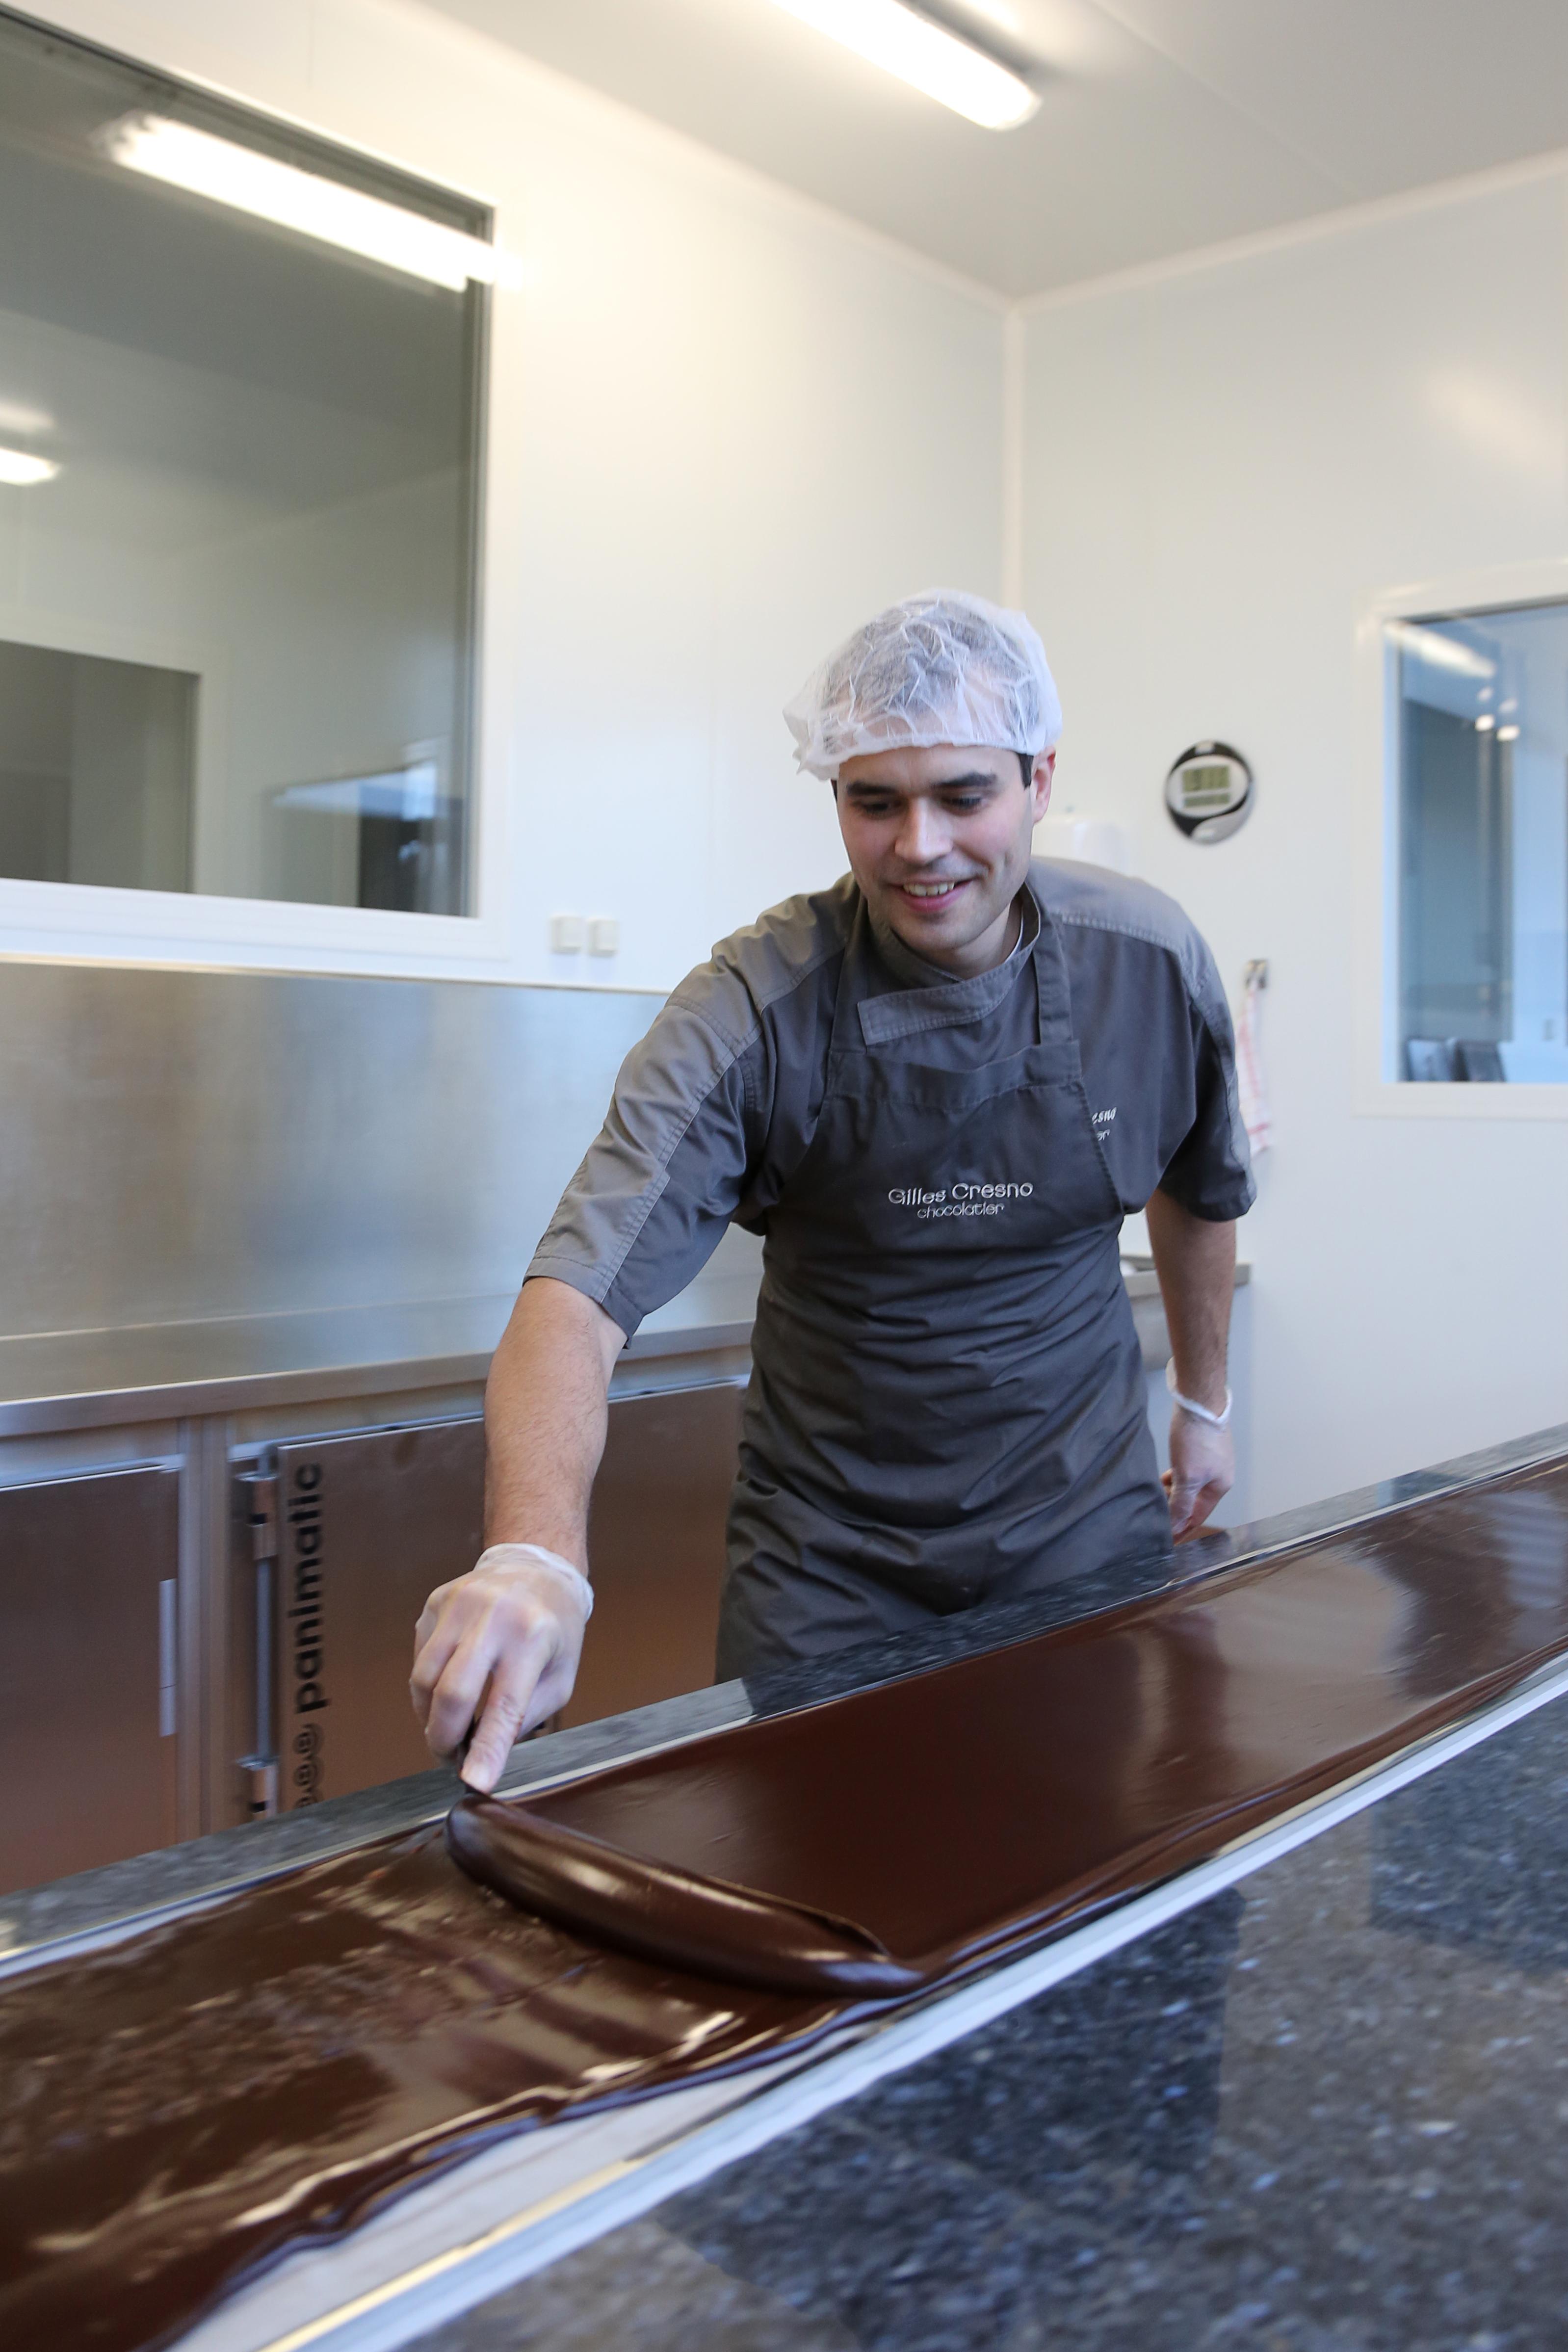 Étalage d'une ganache%252C Gilles Cresno chocolatier%252C Rueil-Malmaison%252C 2012. M-S. Leturcq